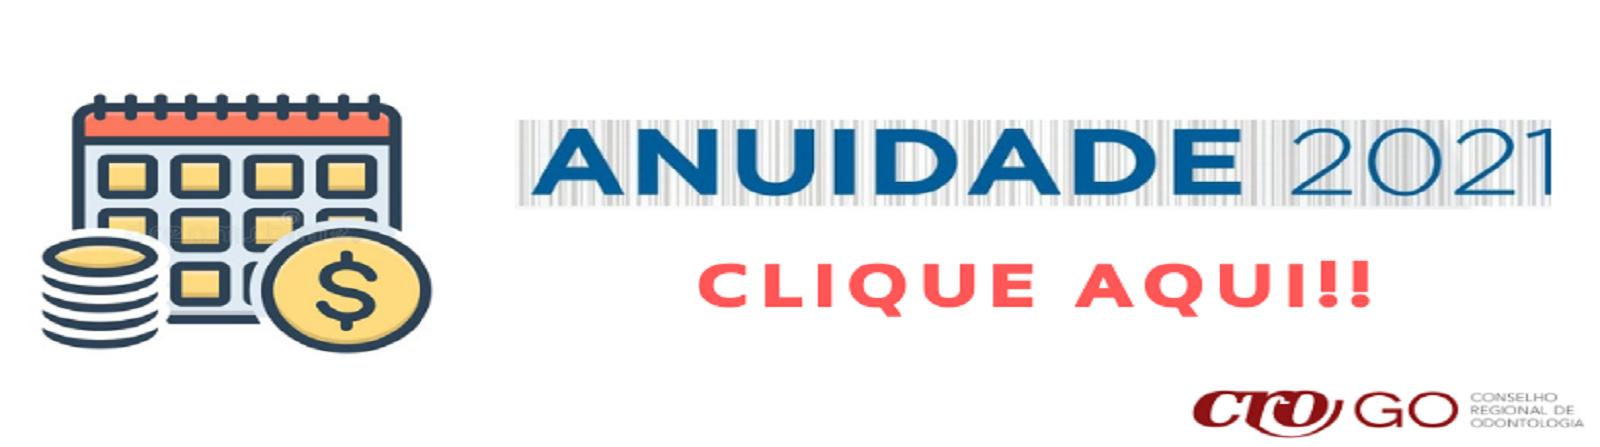 Anuidade_2021_-_Clique_Aqui_-_1600_x_447